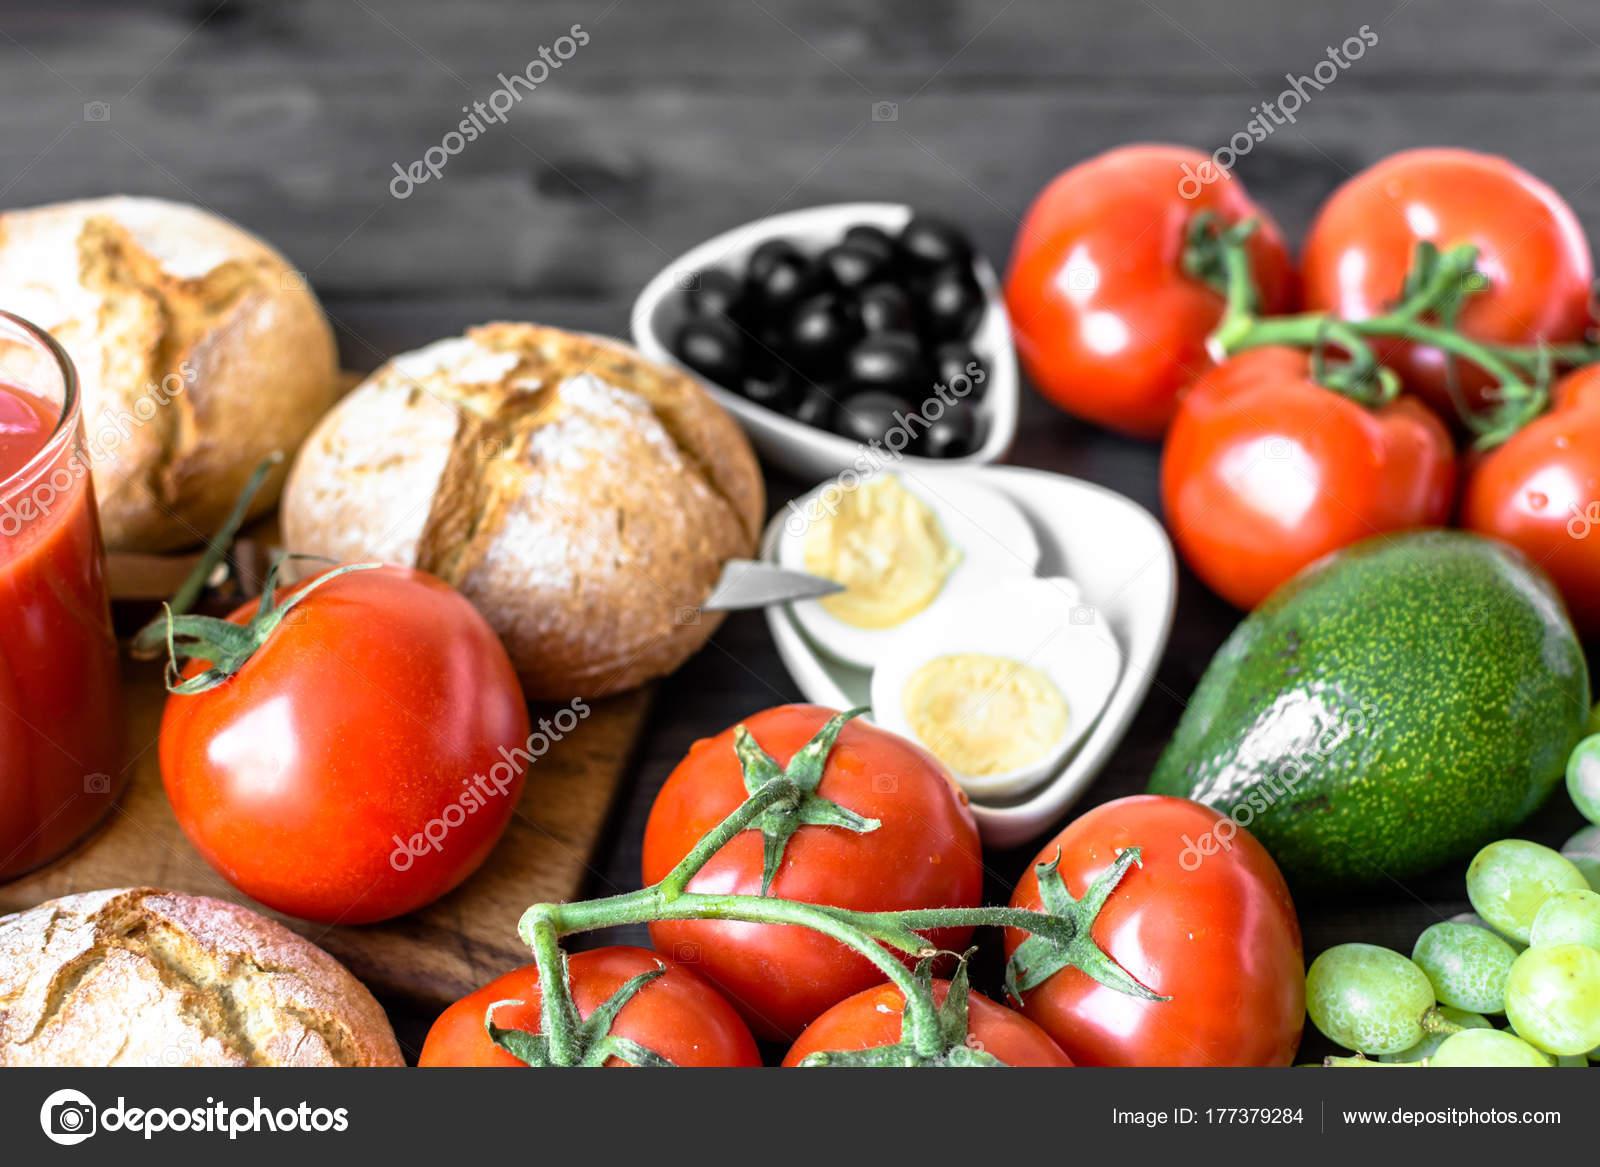 Zdrowe Sniadanie Na Stole W Kuchni Pelne Witamin I Bialek Z Nabialu